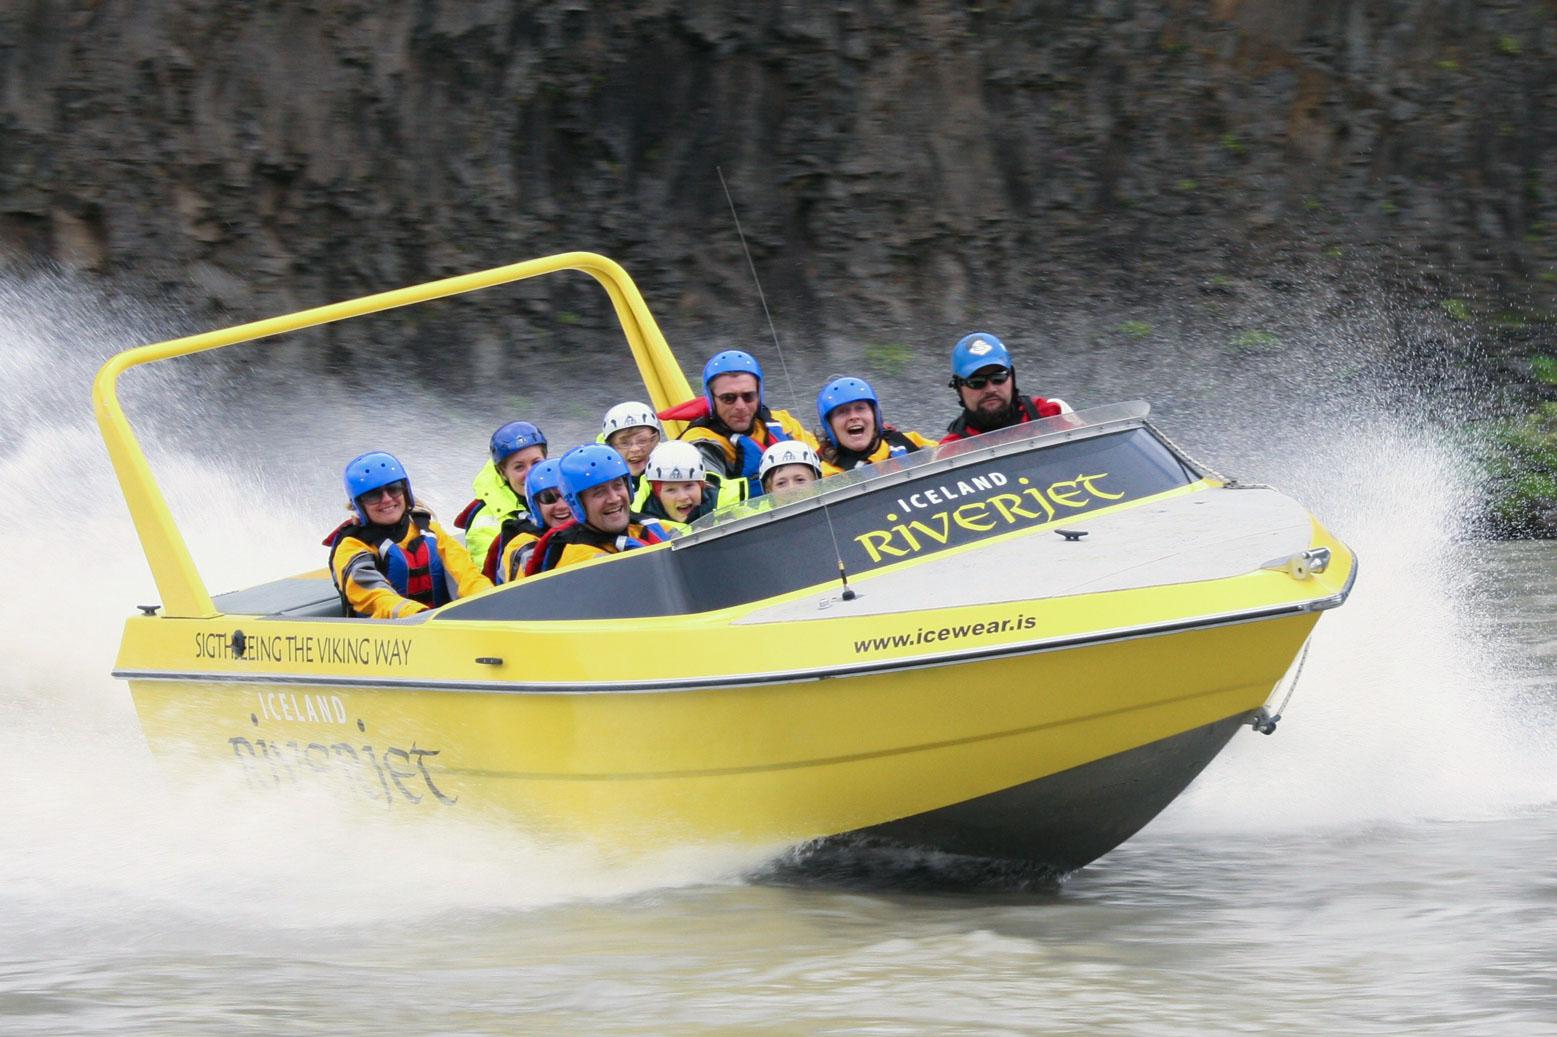 River jet